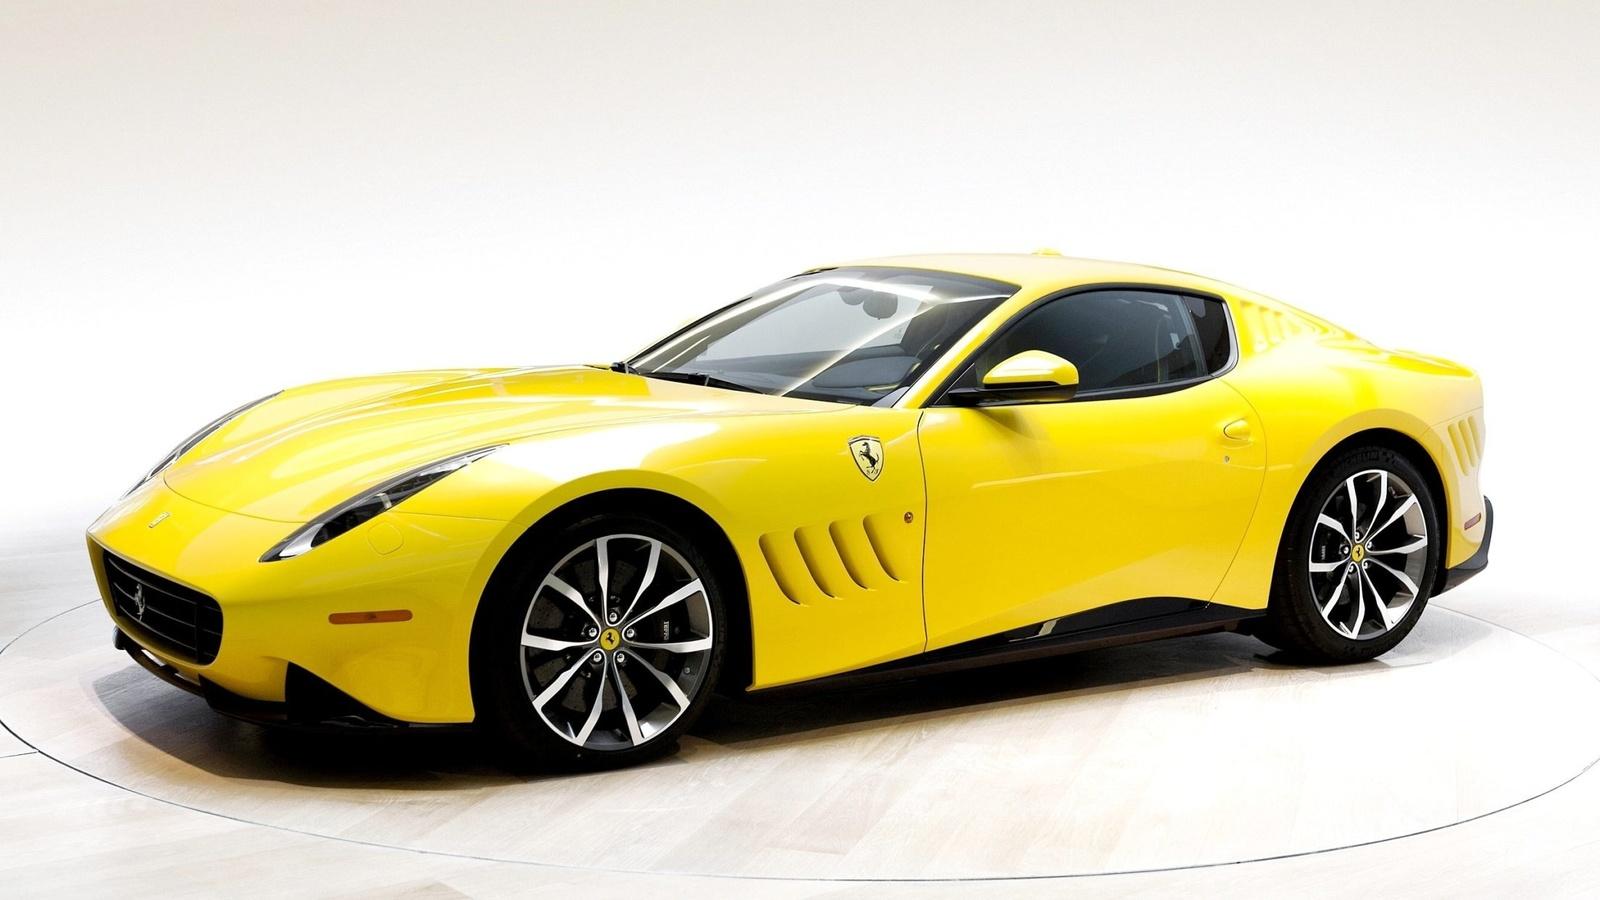 картинки машин желтых